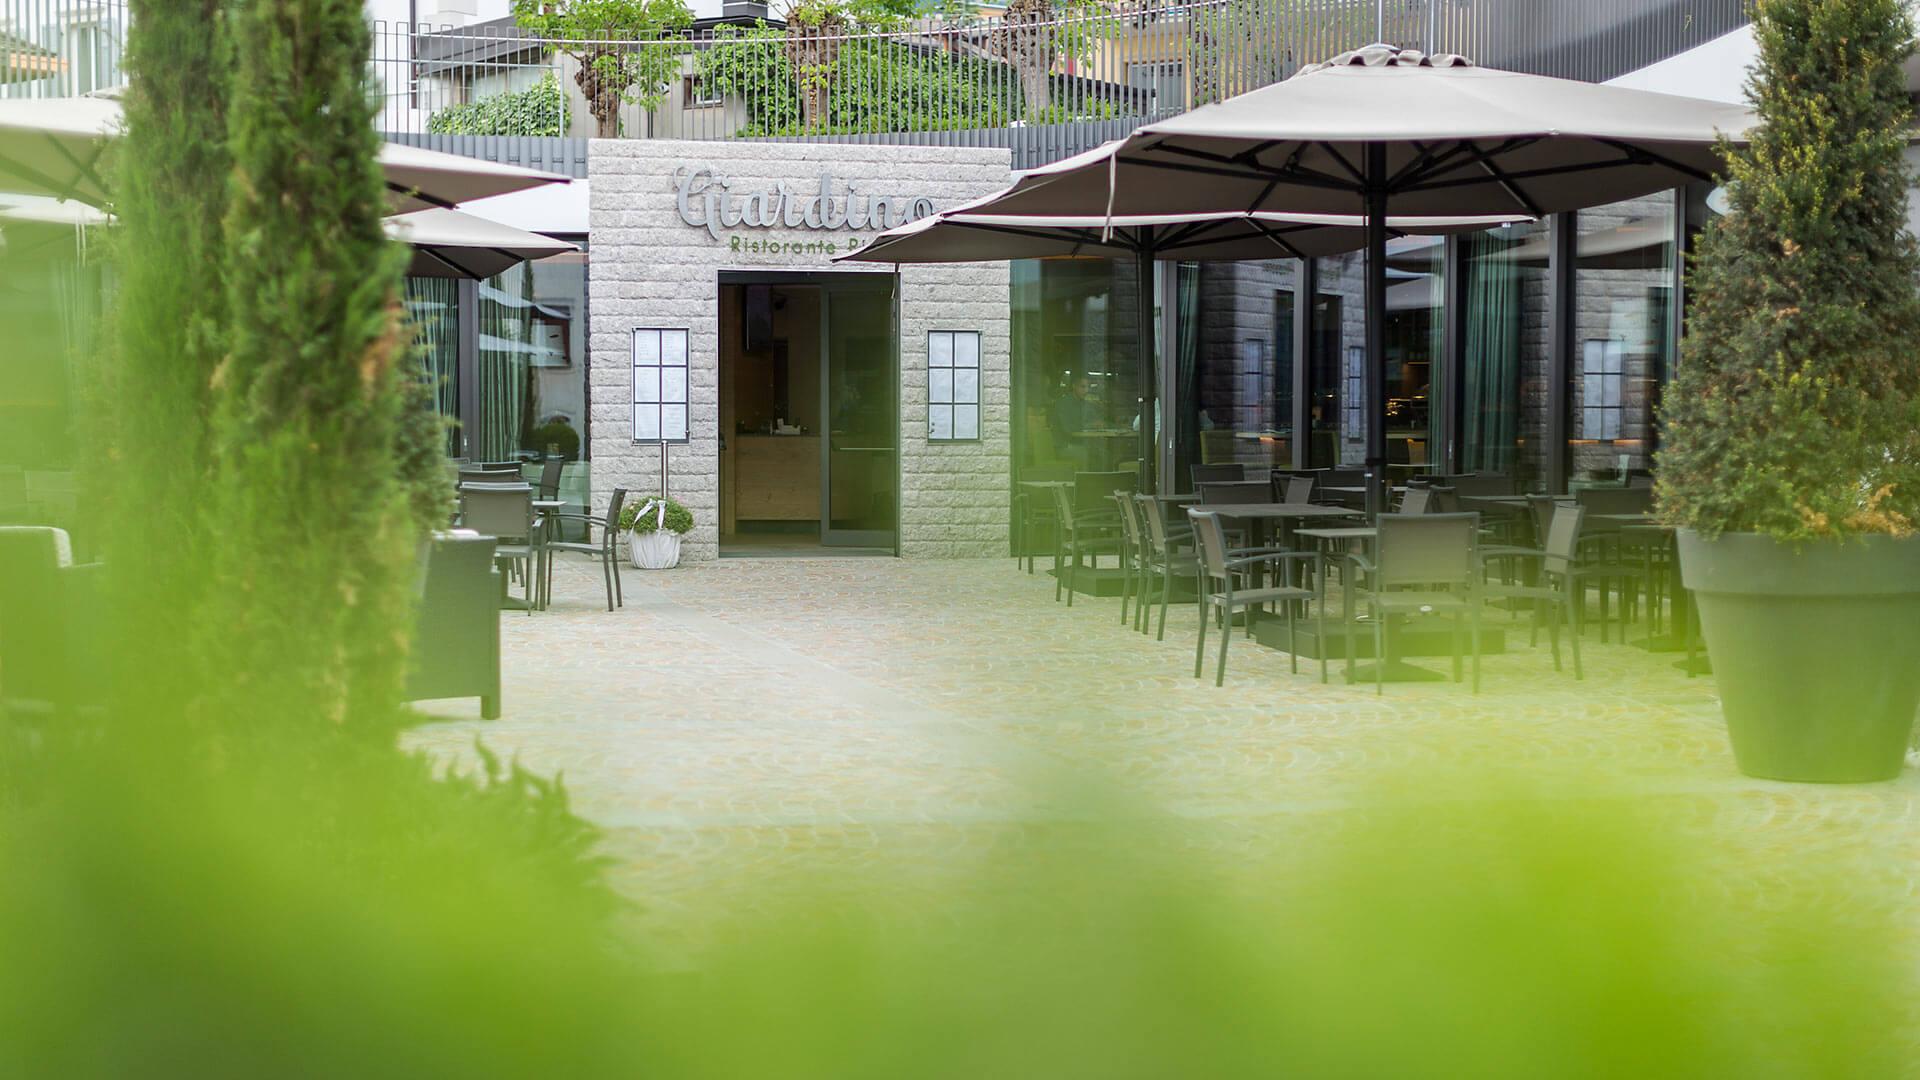 ristorante giardino ristorante a cles val di non